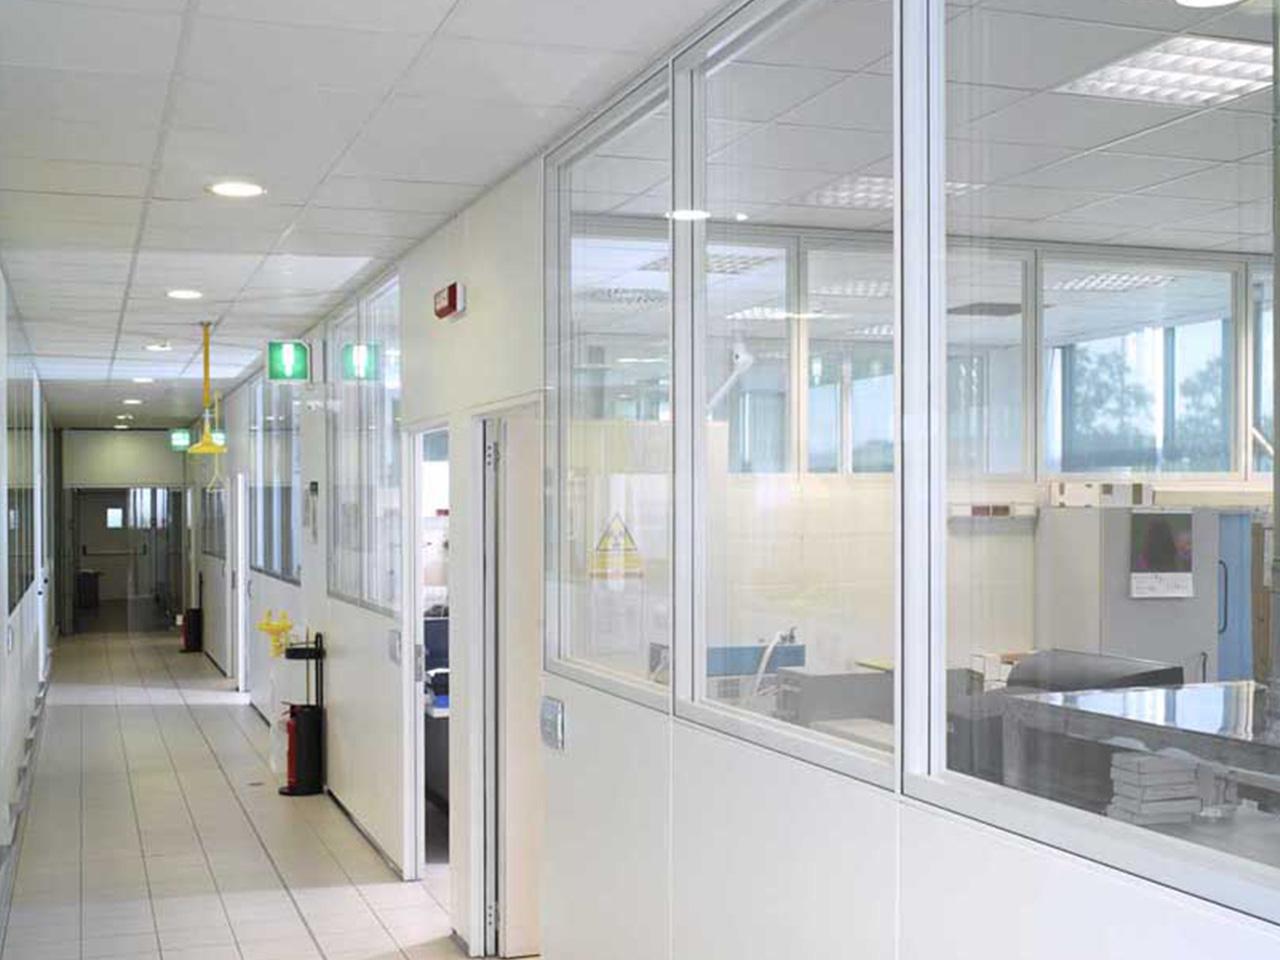 Realizzazione laboratori e camere bianche - Nestlé Lab Padova 02